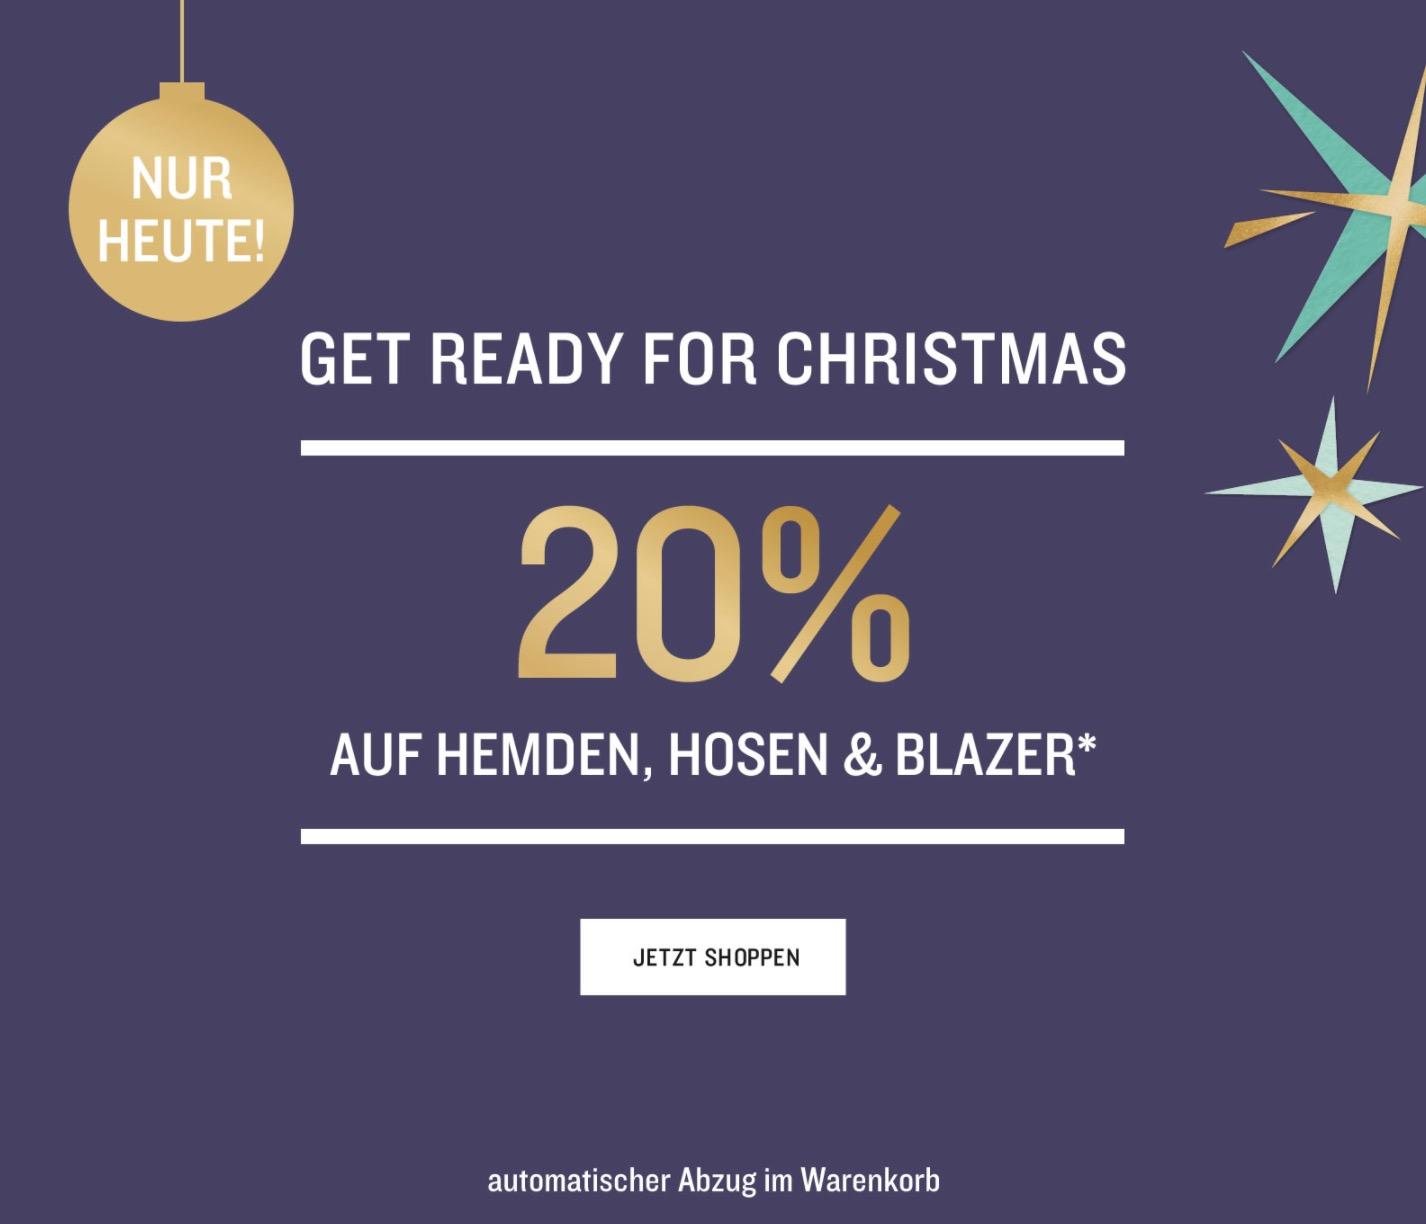 20% Rabatt auf Blusen, Hemden, Hosen, Blazer und Kleider im Tom Tailor Onlineshop